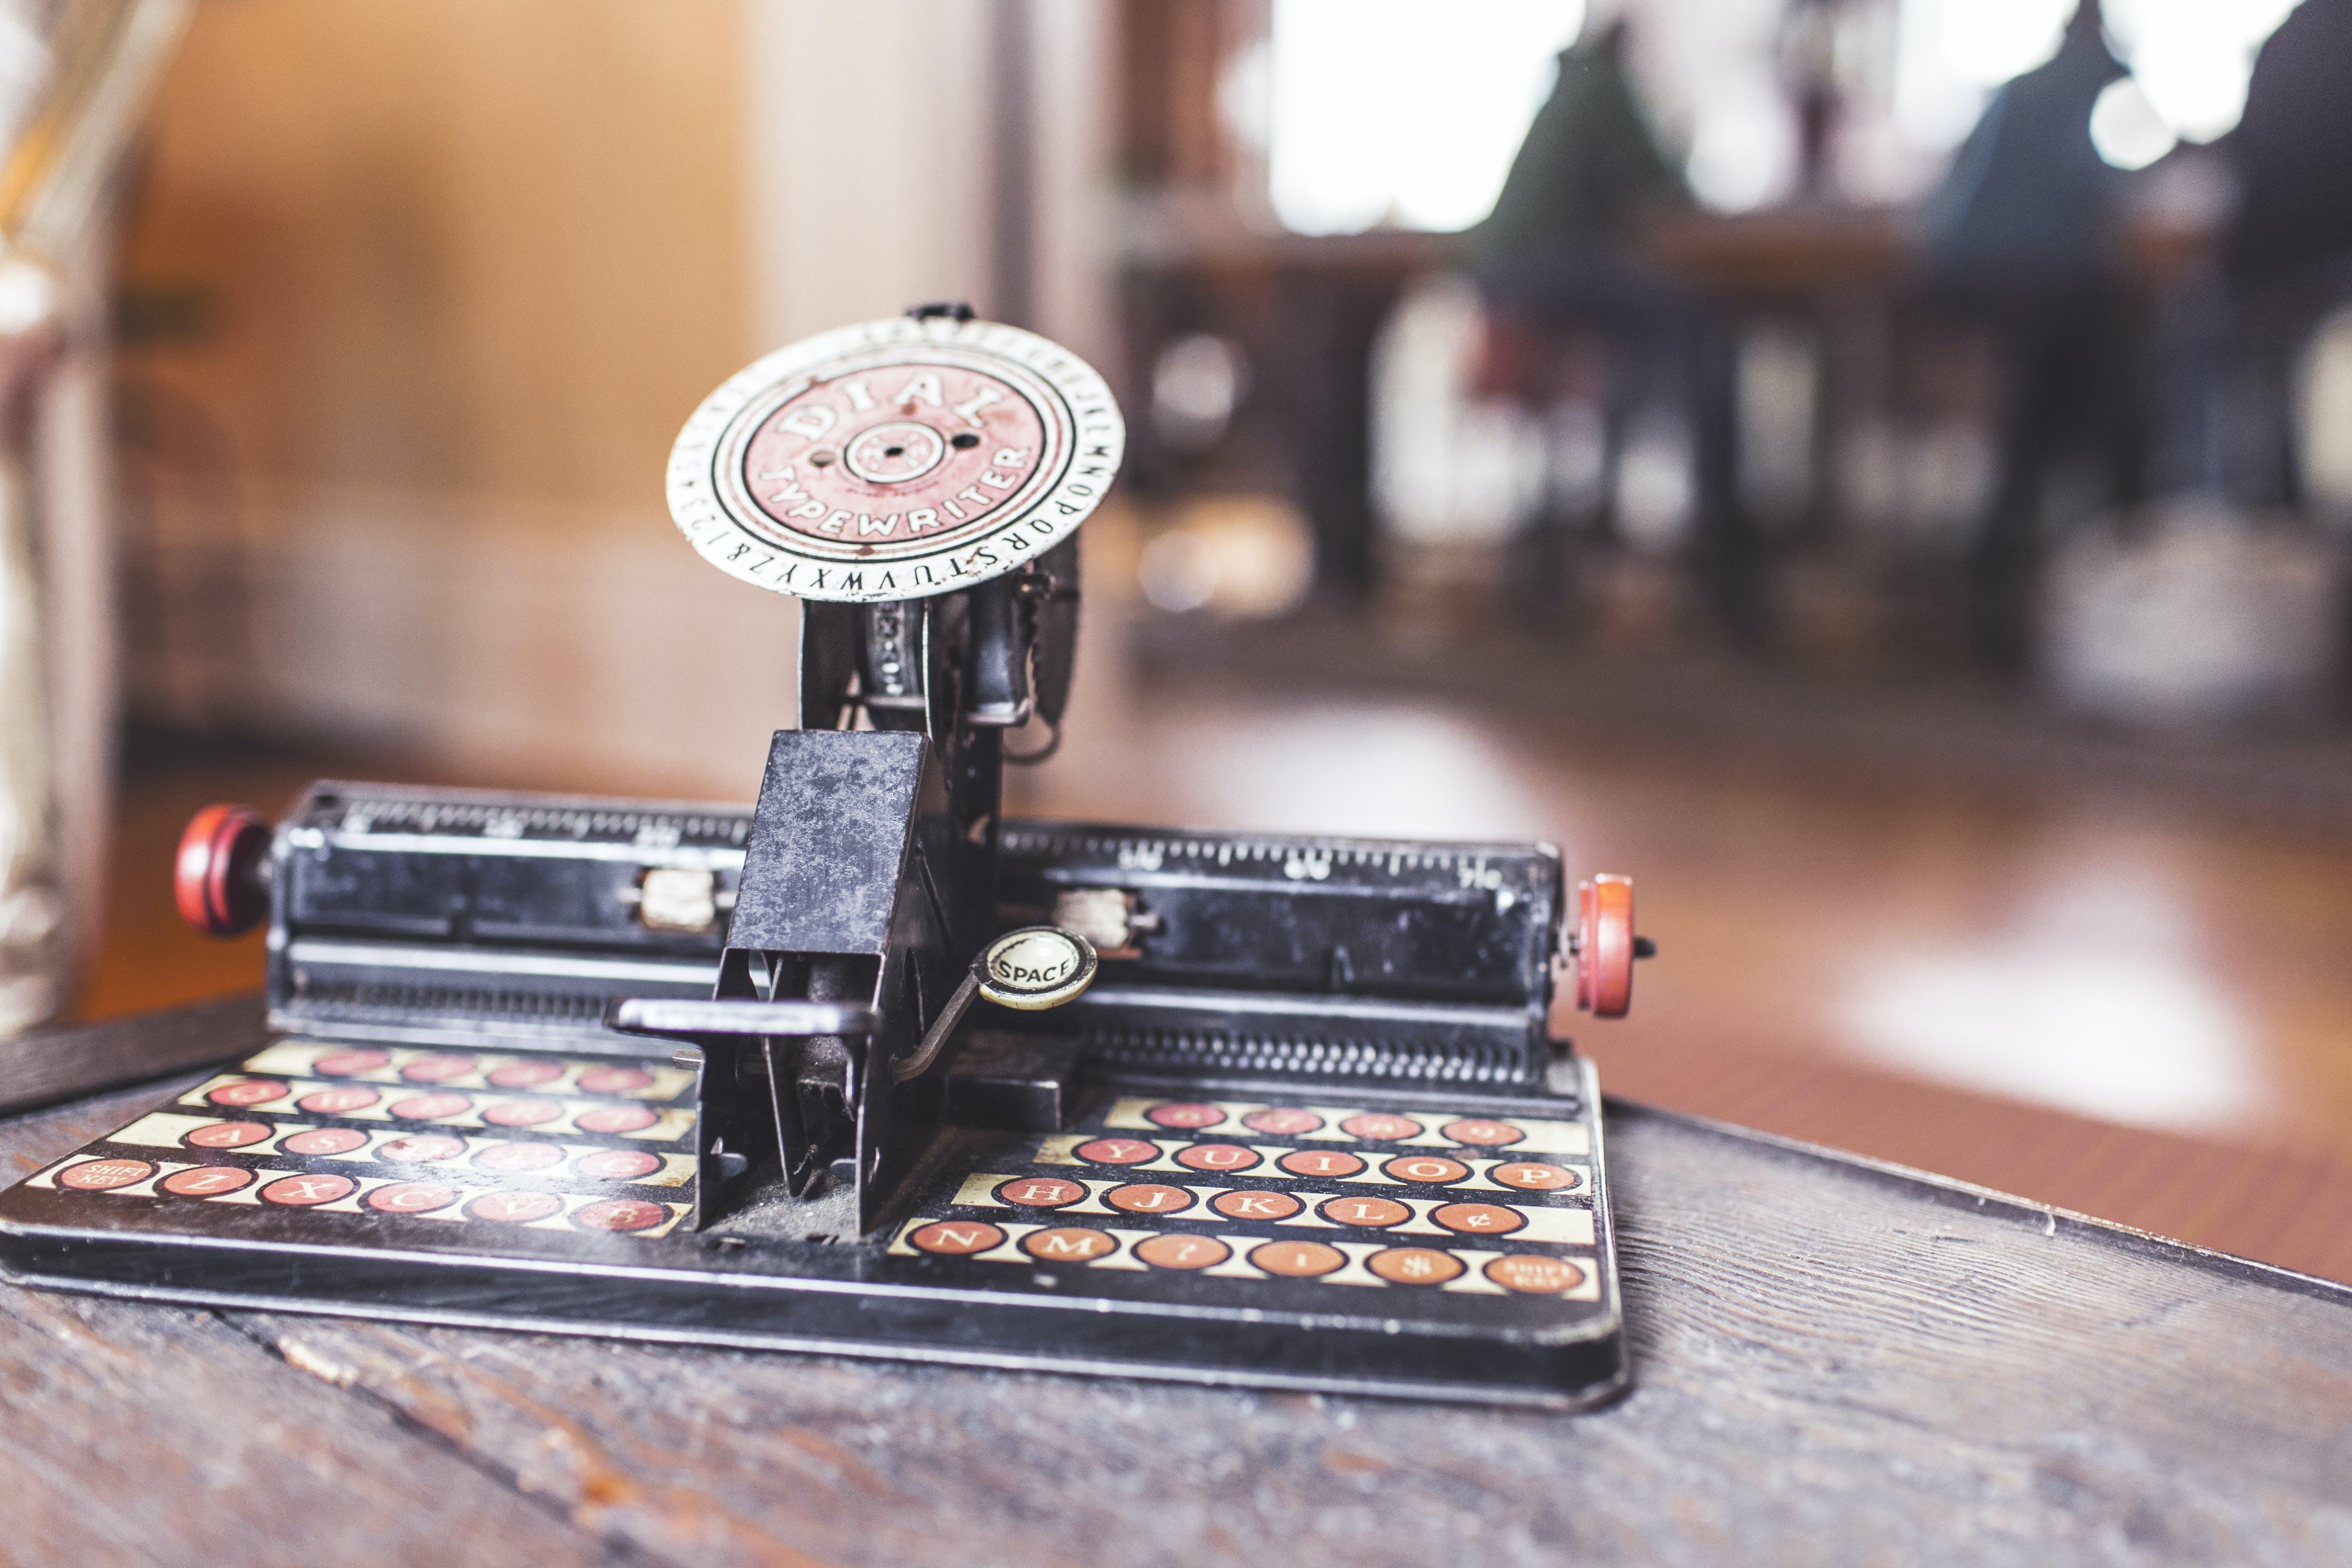 antikk, skrivemaskin, tastatur